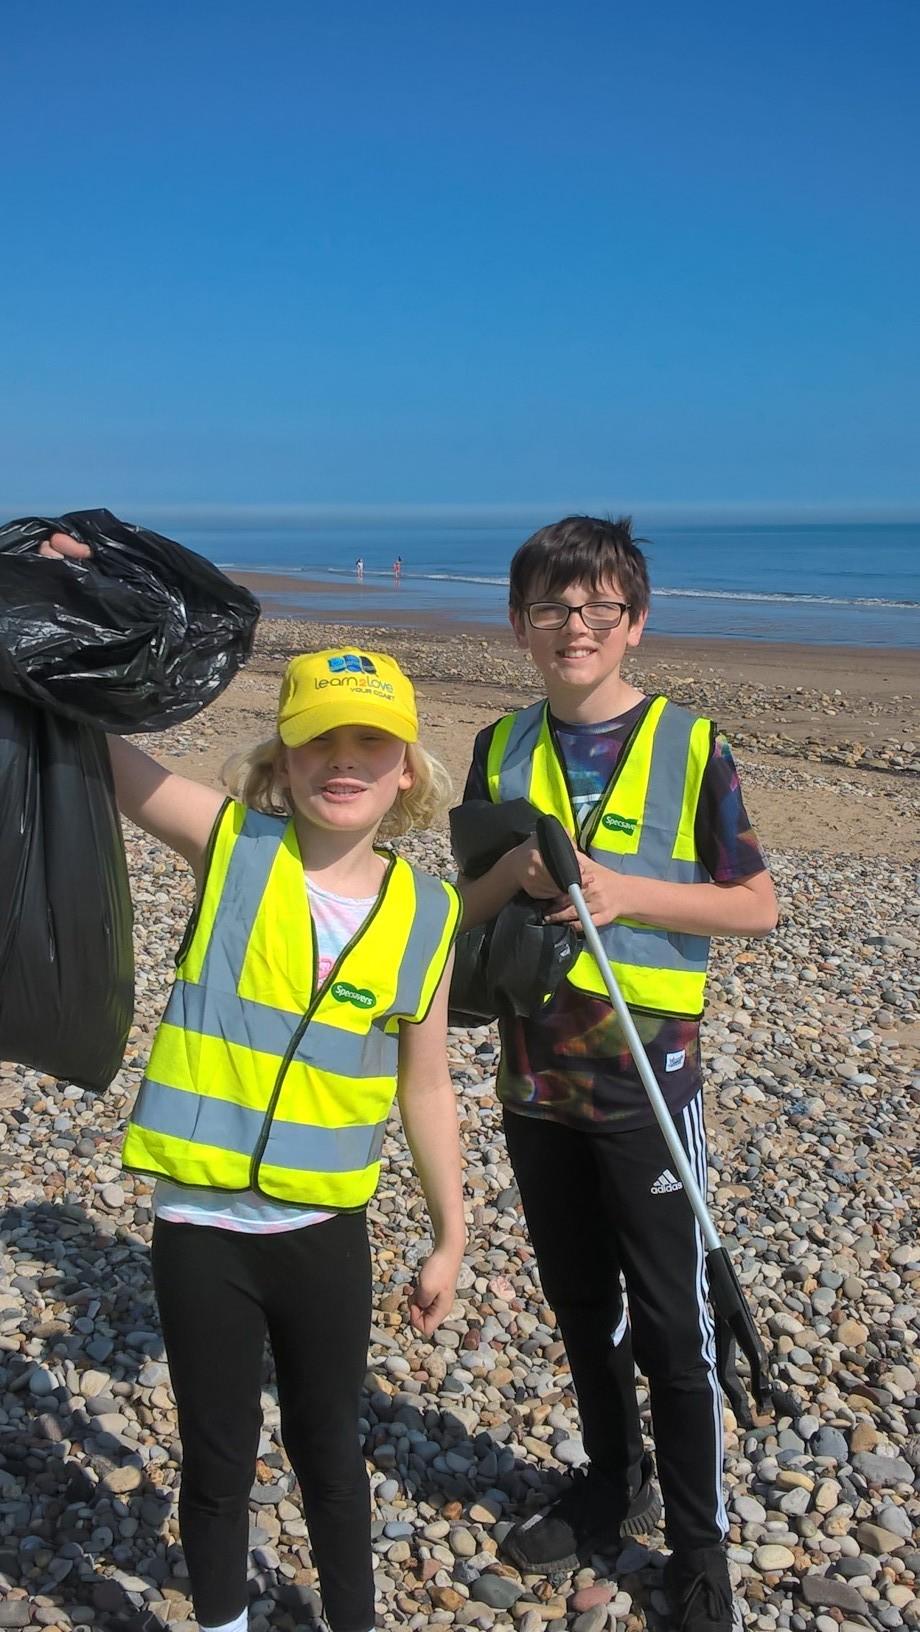 Volunteers Help Keep County's Beaches Clean